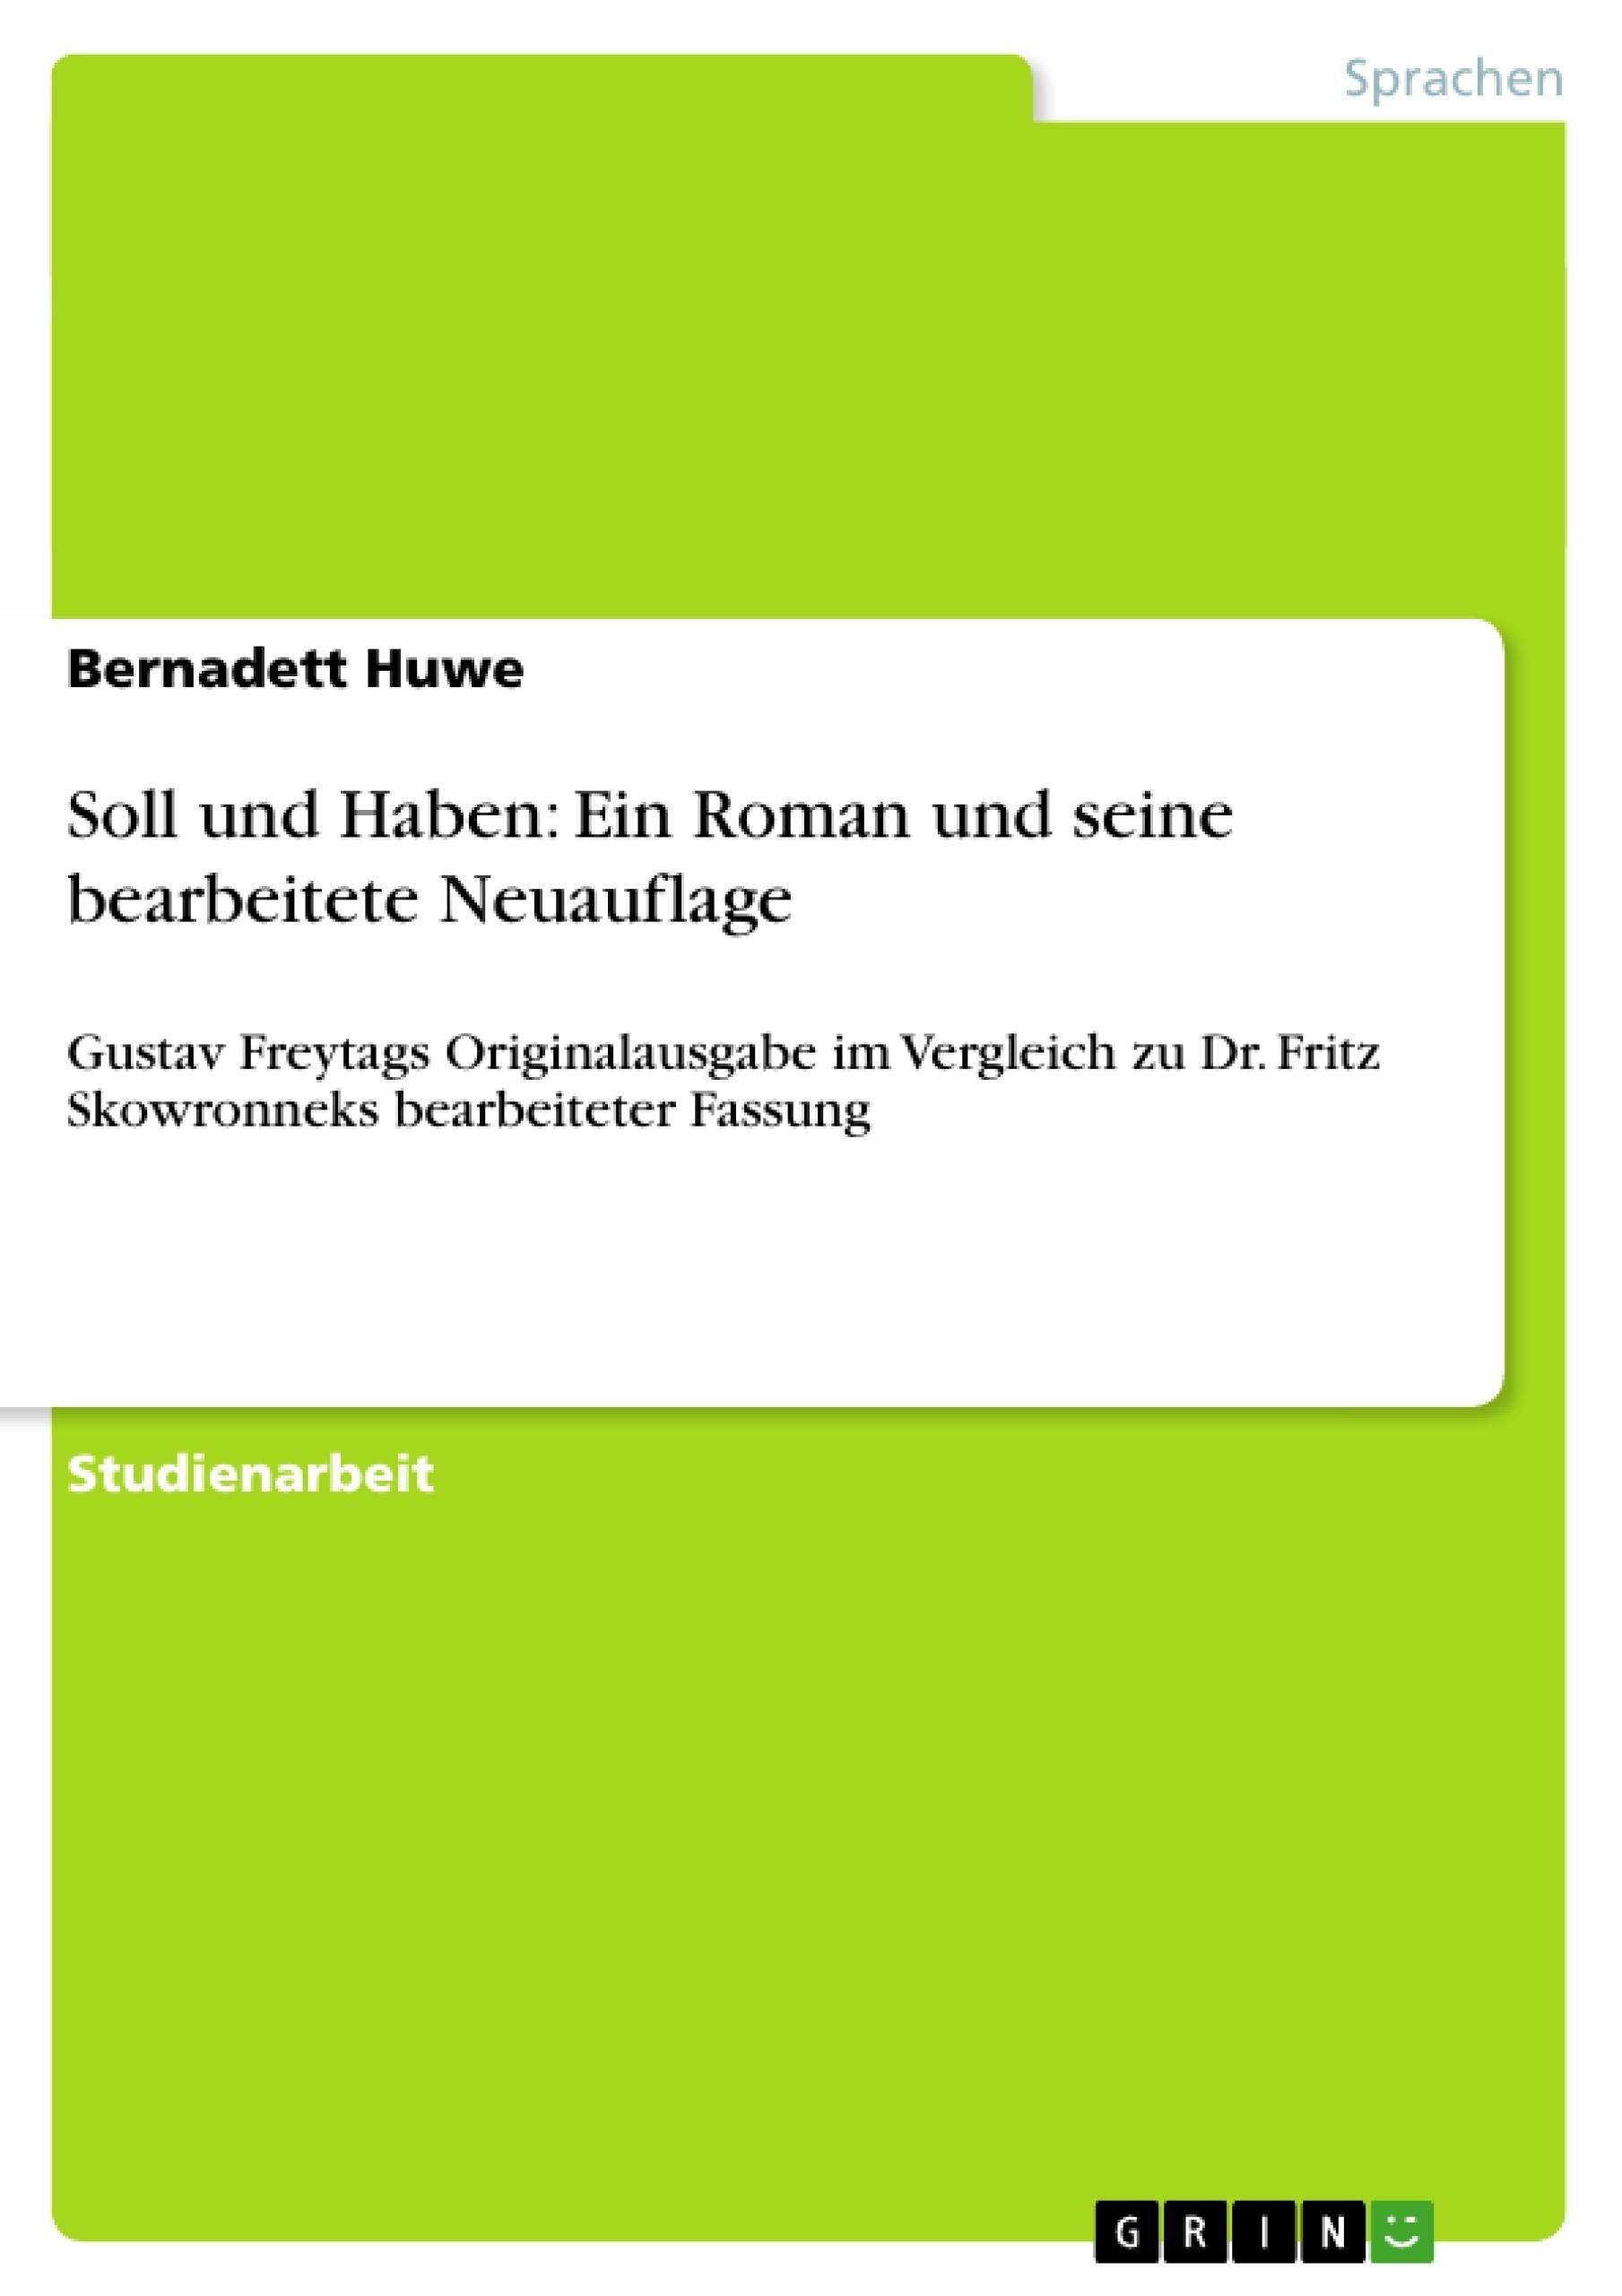 Titel: Soll und Haben: Ein Roman und seine bearbeitete Neuauflage